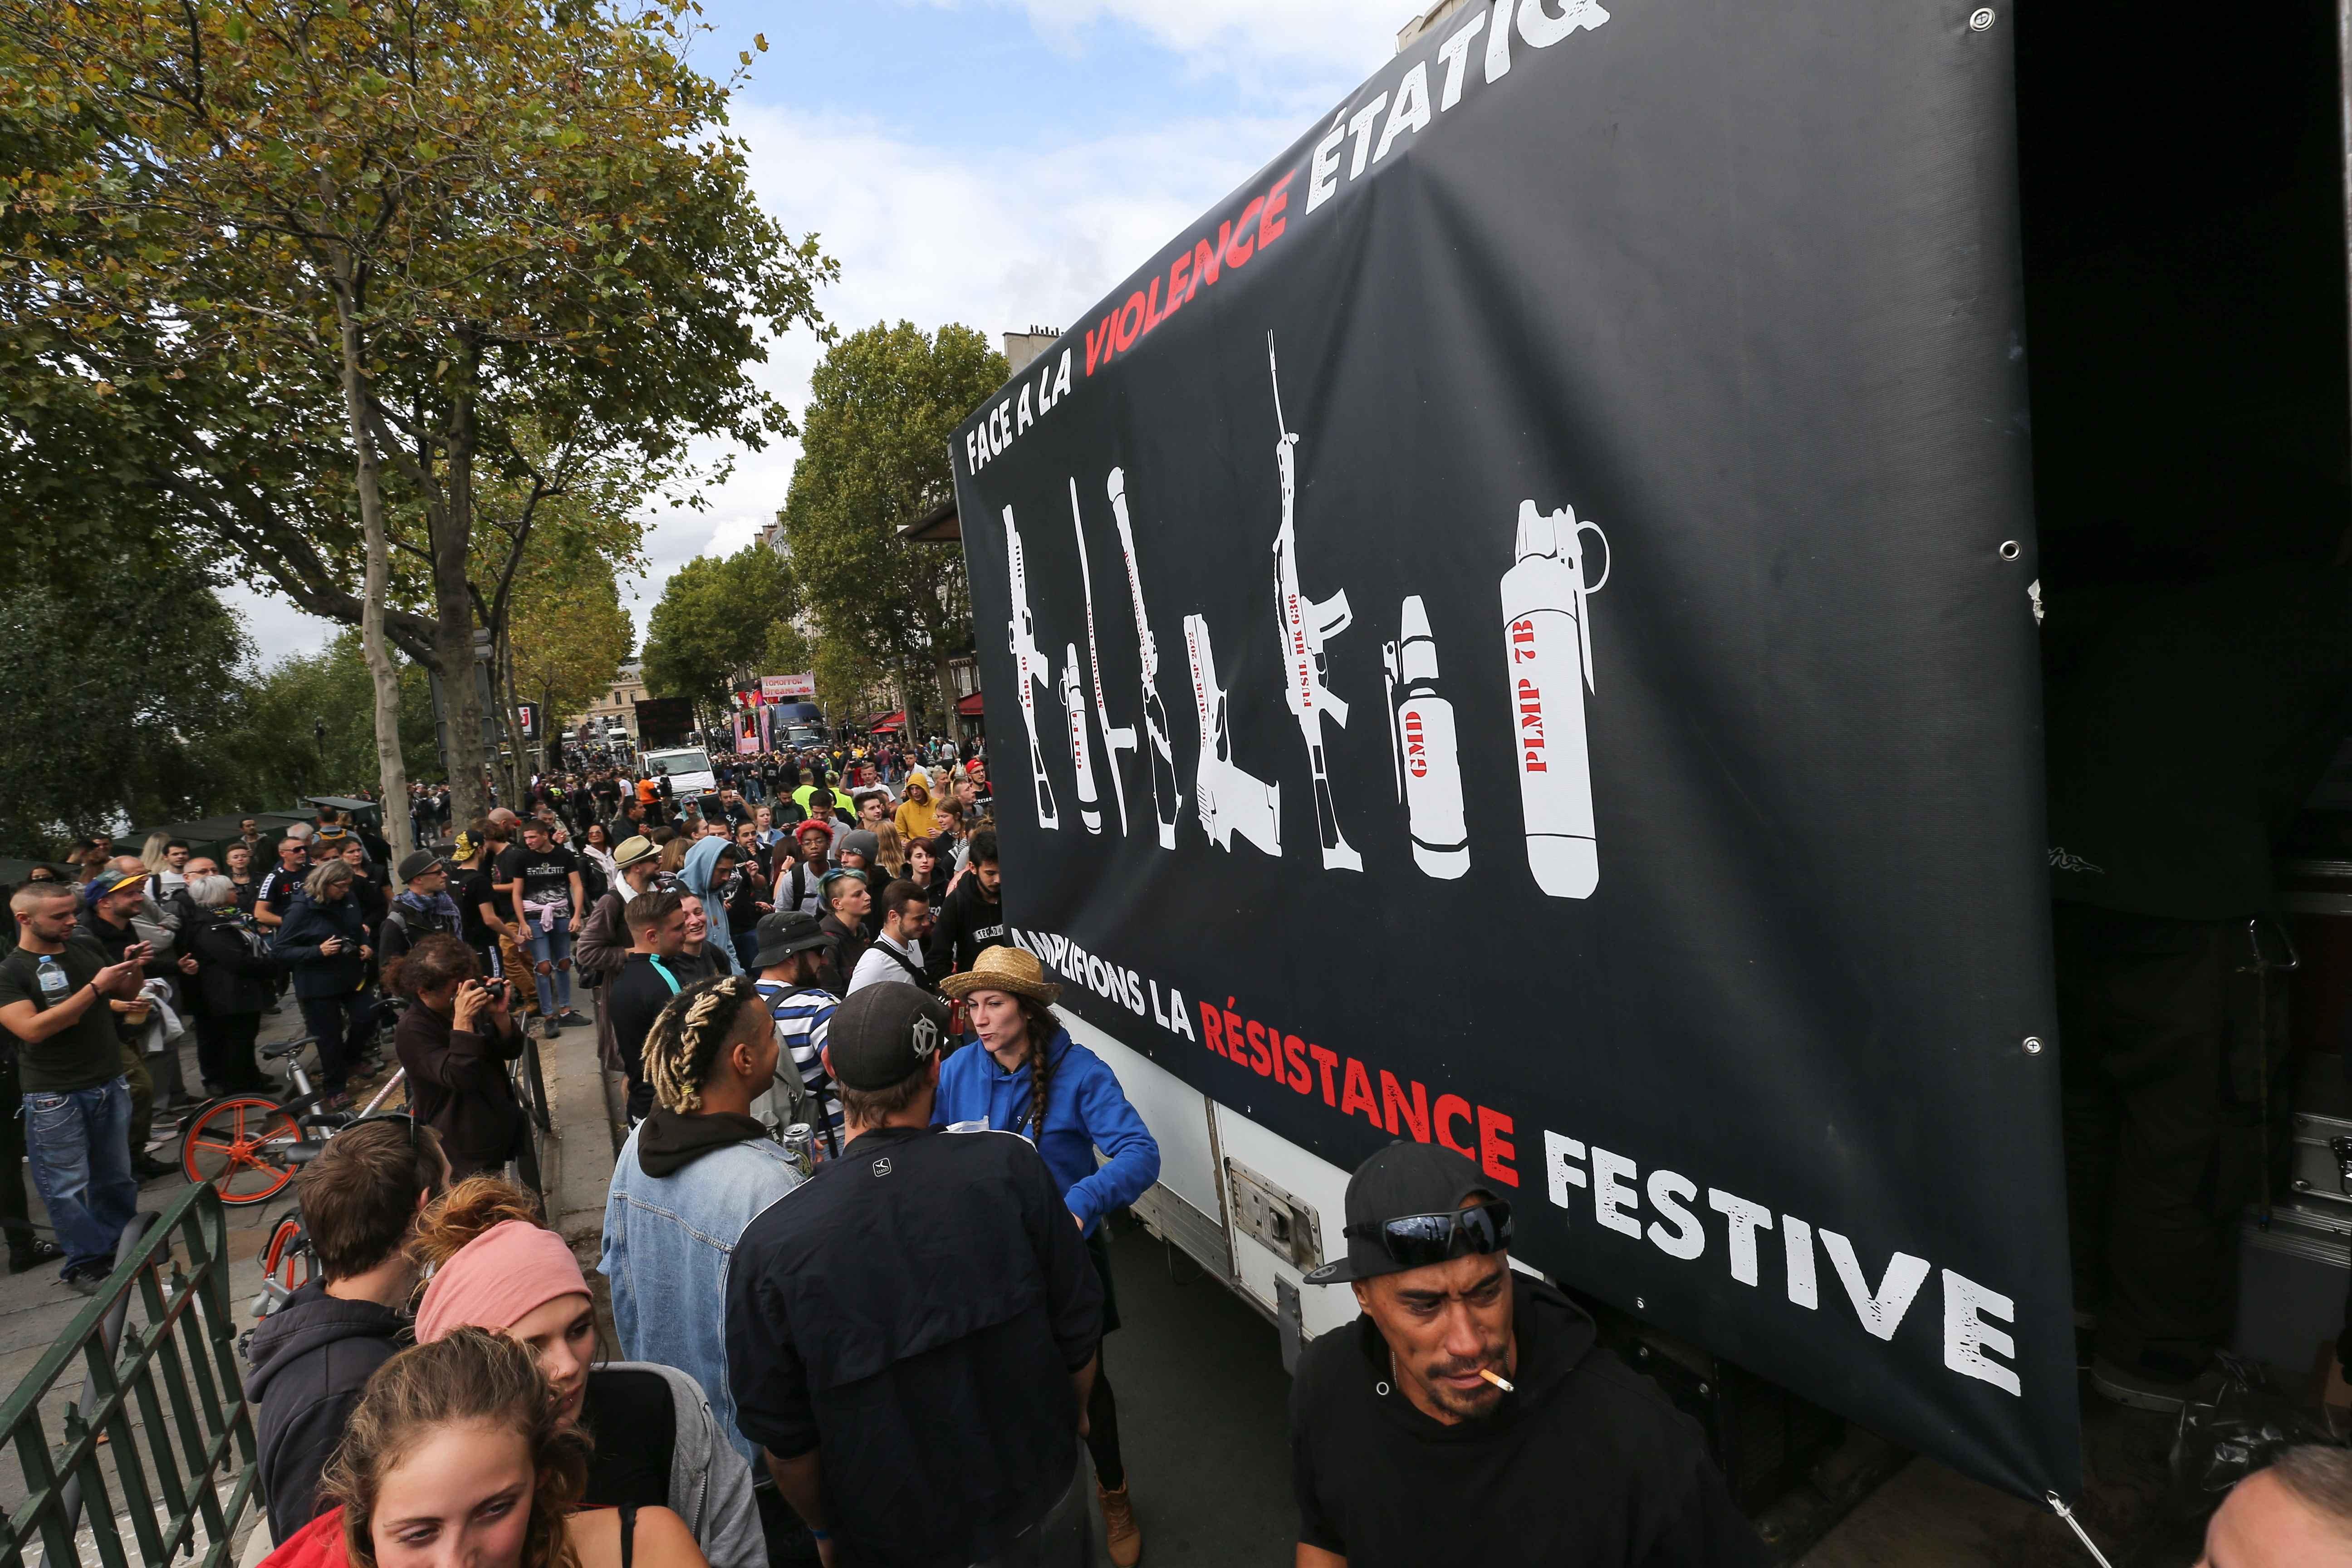 """Sur un camion : """"Face à la violence étatique, amplifions la résistance festive"""". © Michel Stoupak. Sam 28.09.2019, 11:55:53."""